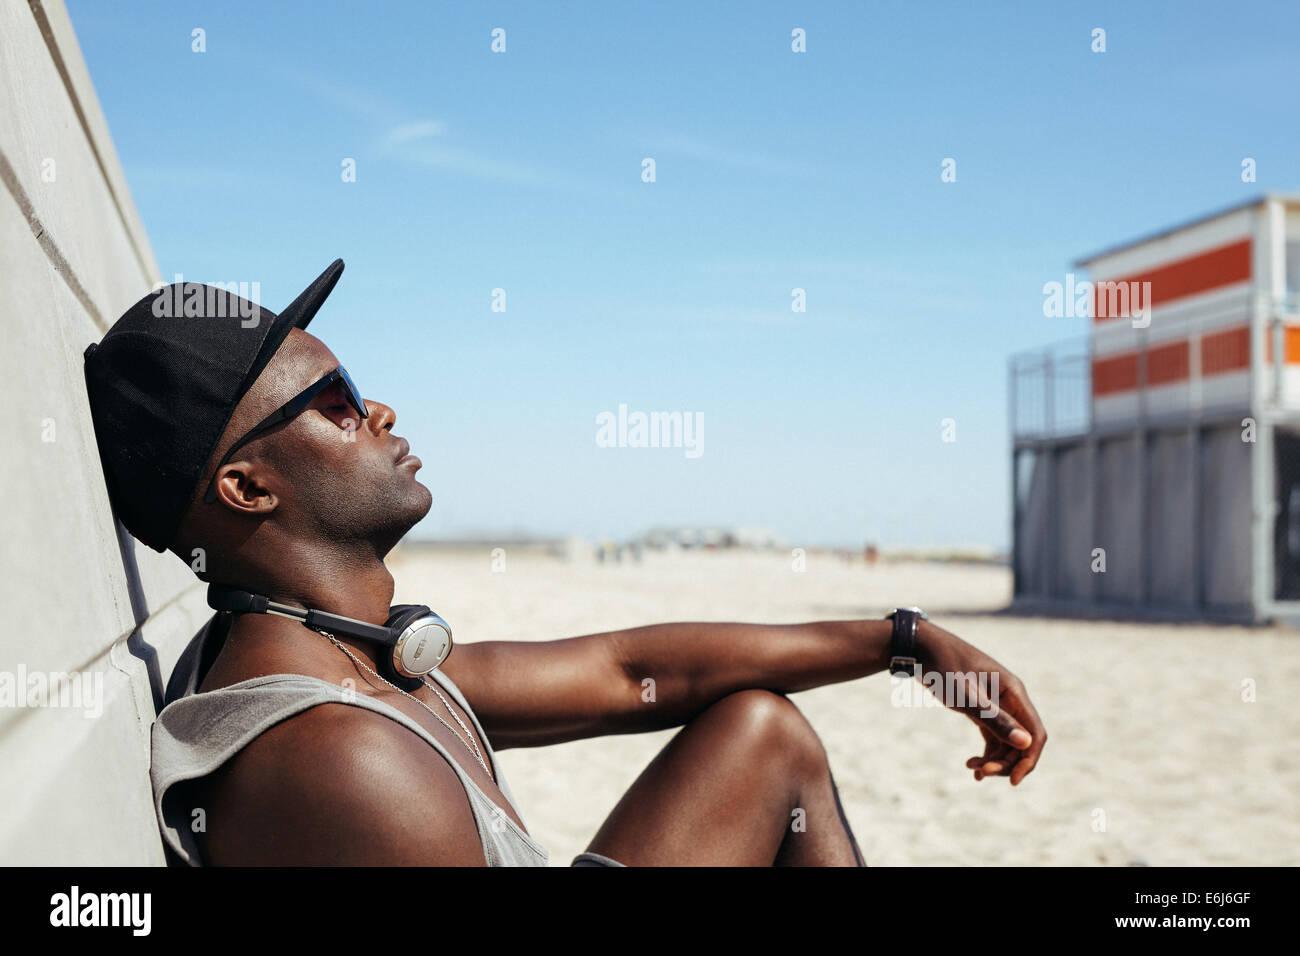 Vista laterale del rilassato uomo Africana appoggiata ad una parete in spiaggia a prendere il sole. Ragazzo nero Immagini Stock